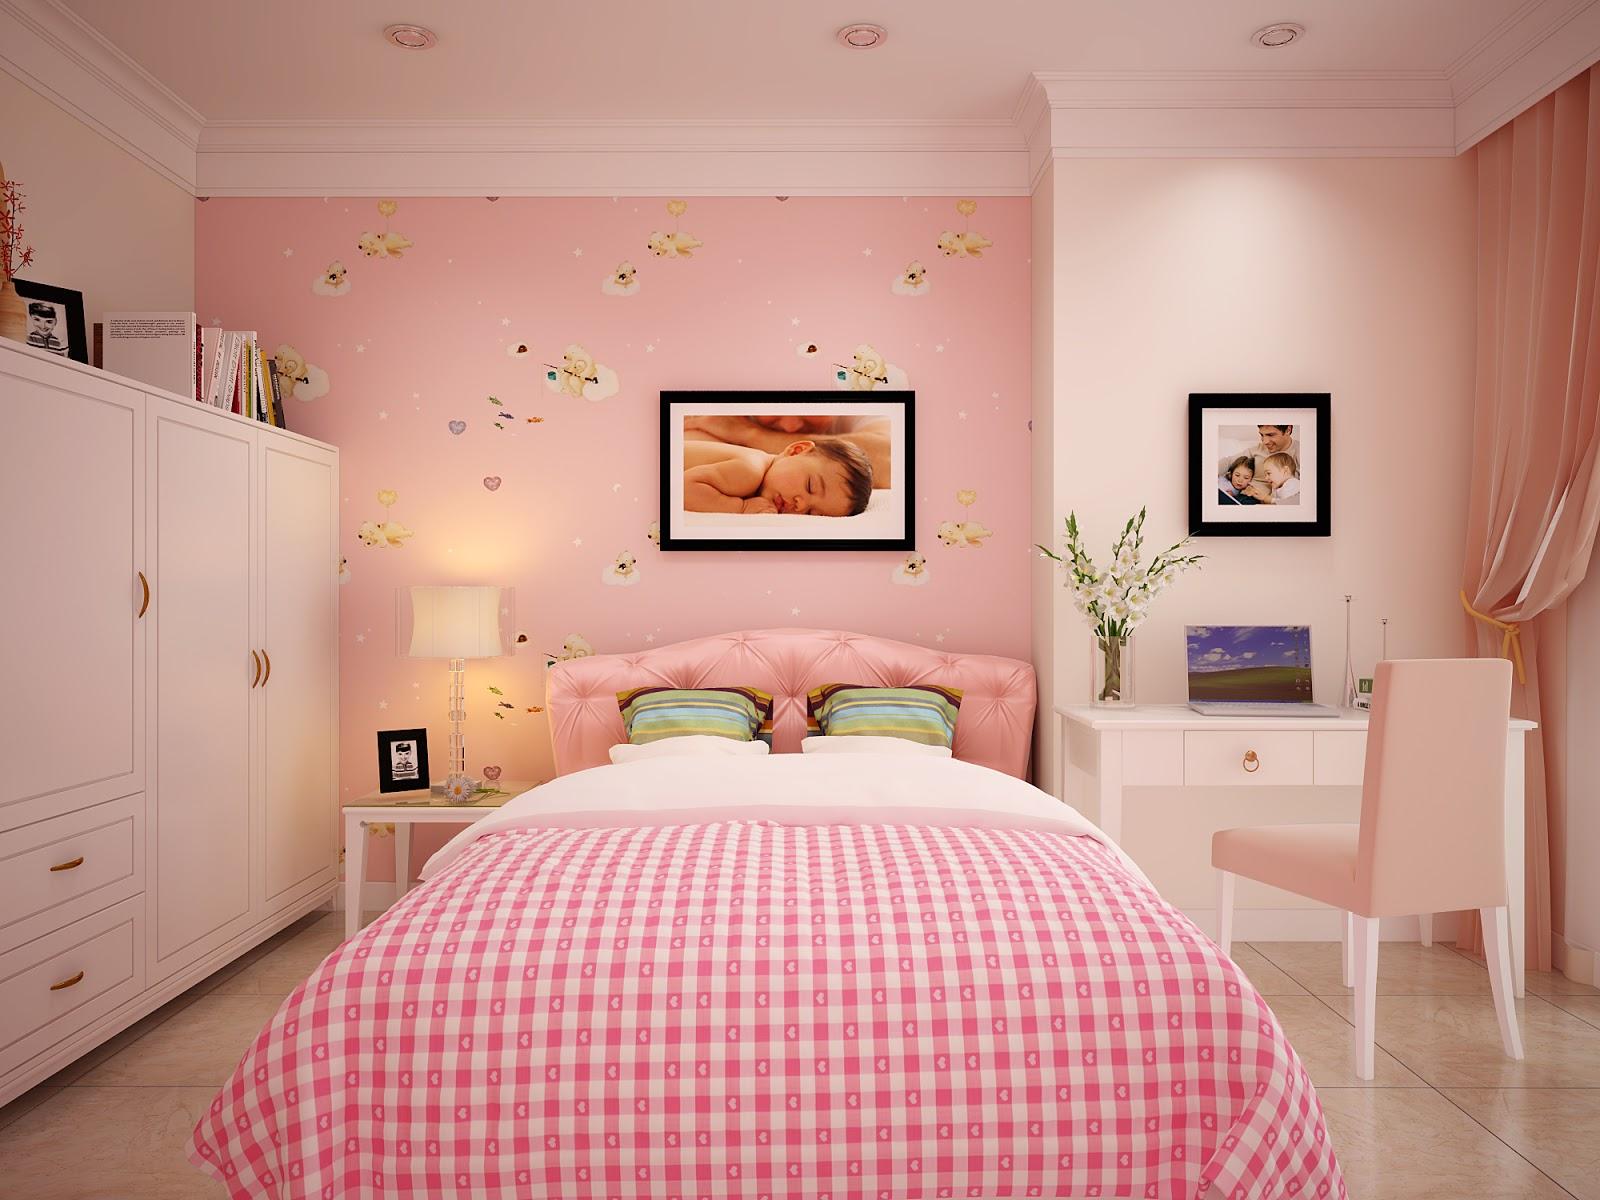 Hình nền máy tính HD phòng ngủ ngọt ngào với màu hồng